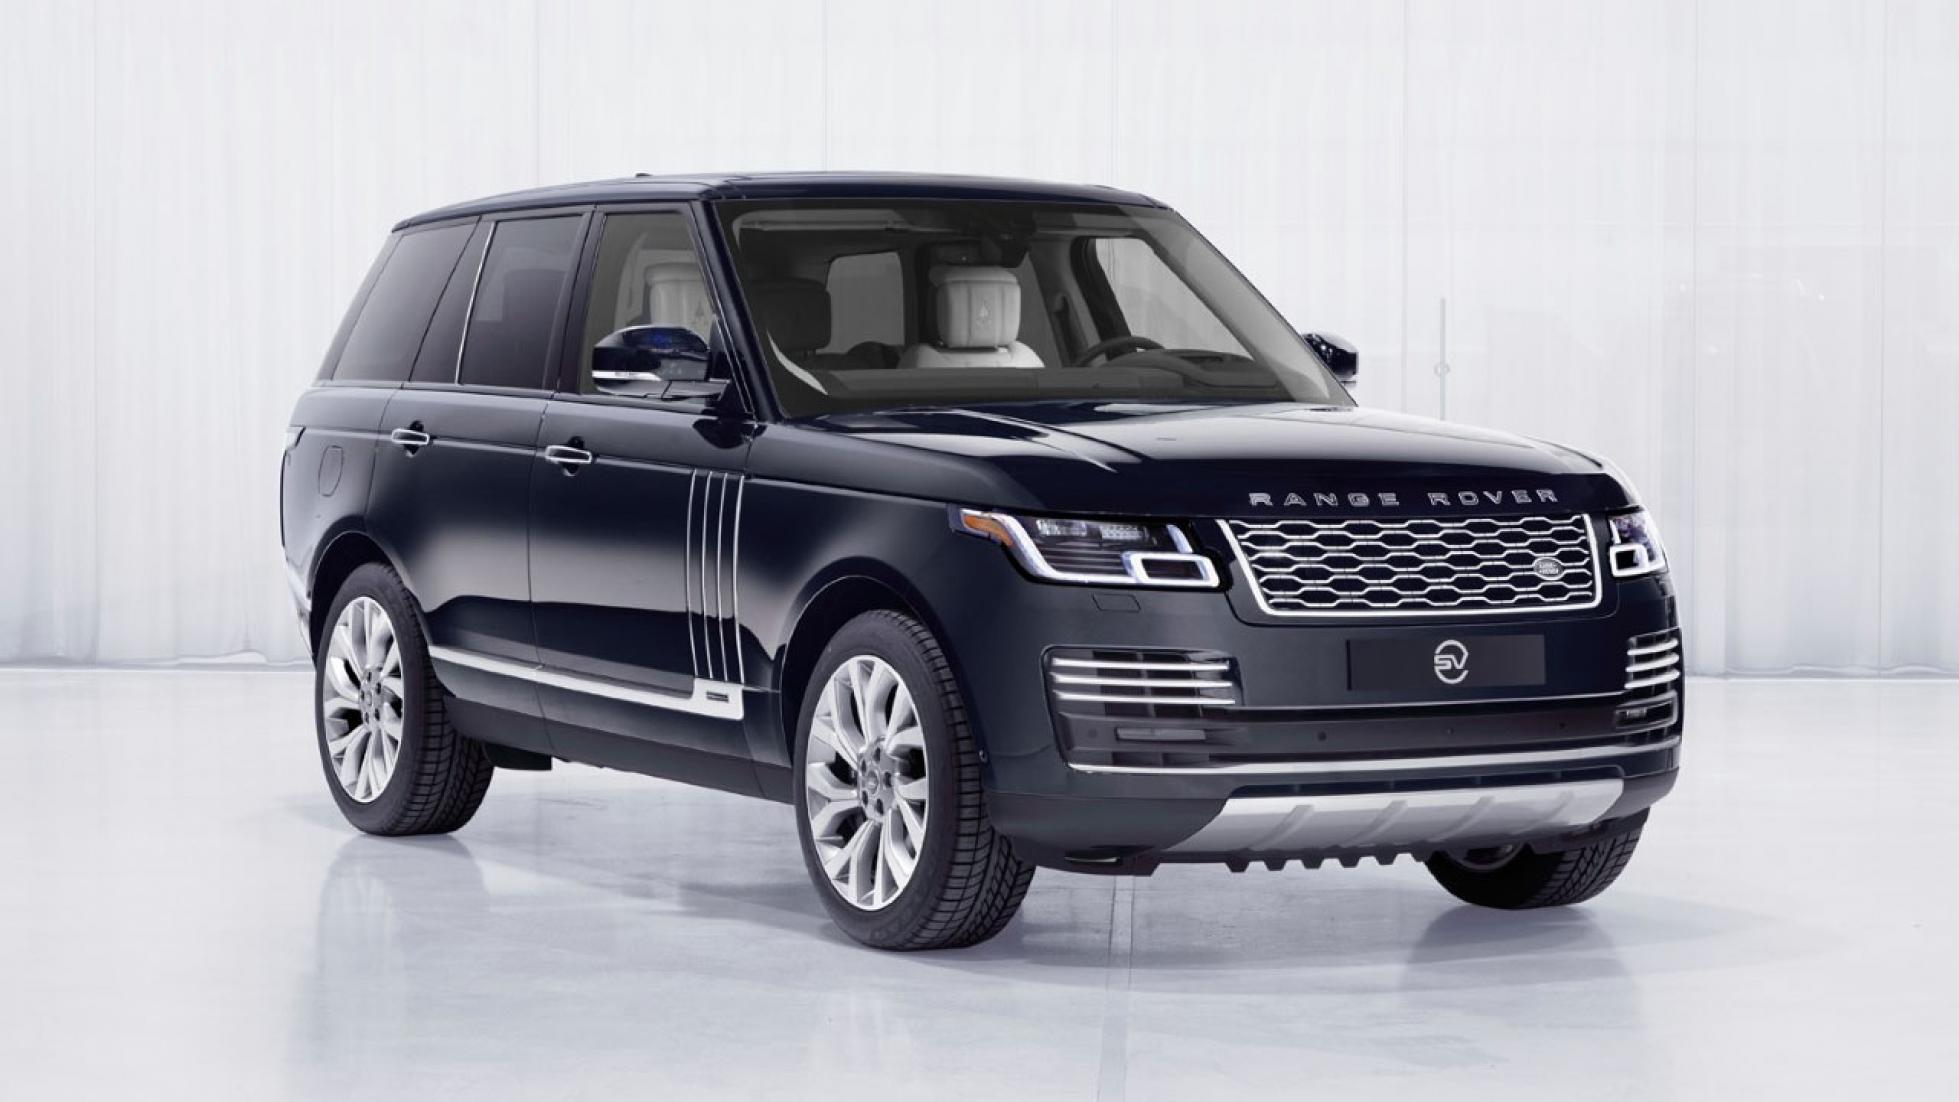 Range Rover Astronaut